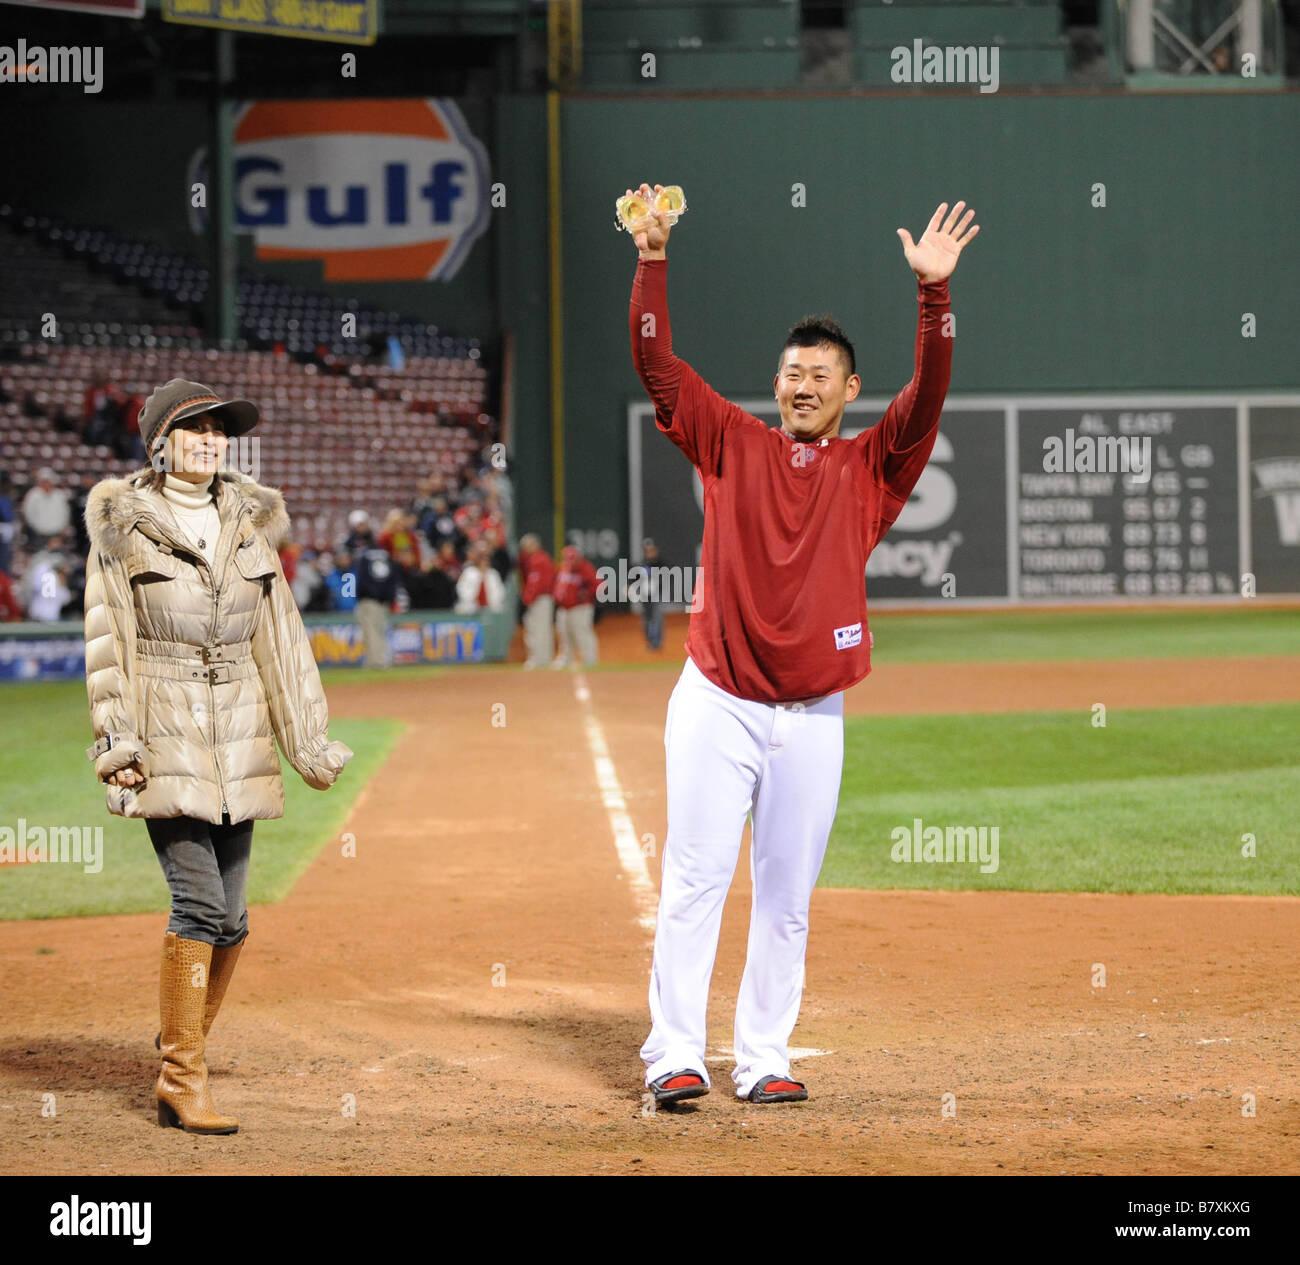 Daisuke Matsuzaka Red Sox Tomoyo Shibata OCTOBER 6 2008 MLB Boston Red Sox Daisuke Matsuzaka R and his wife Tomoyo - Stock Image